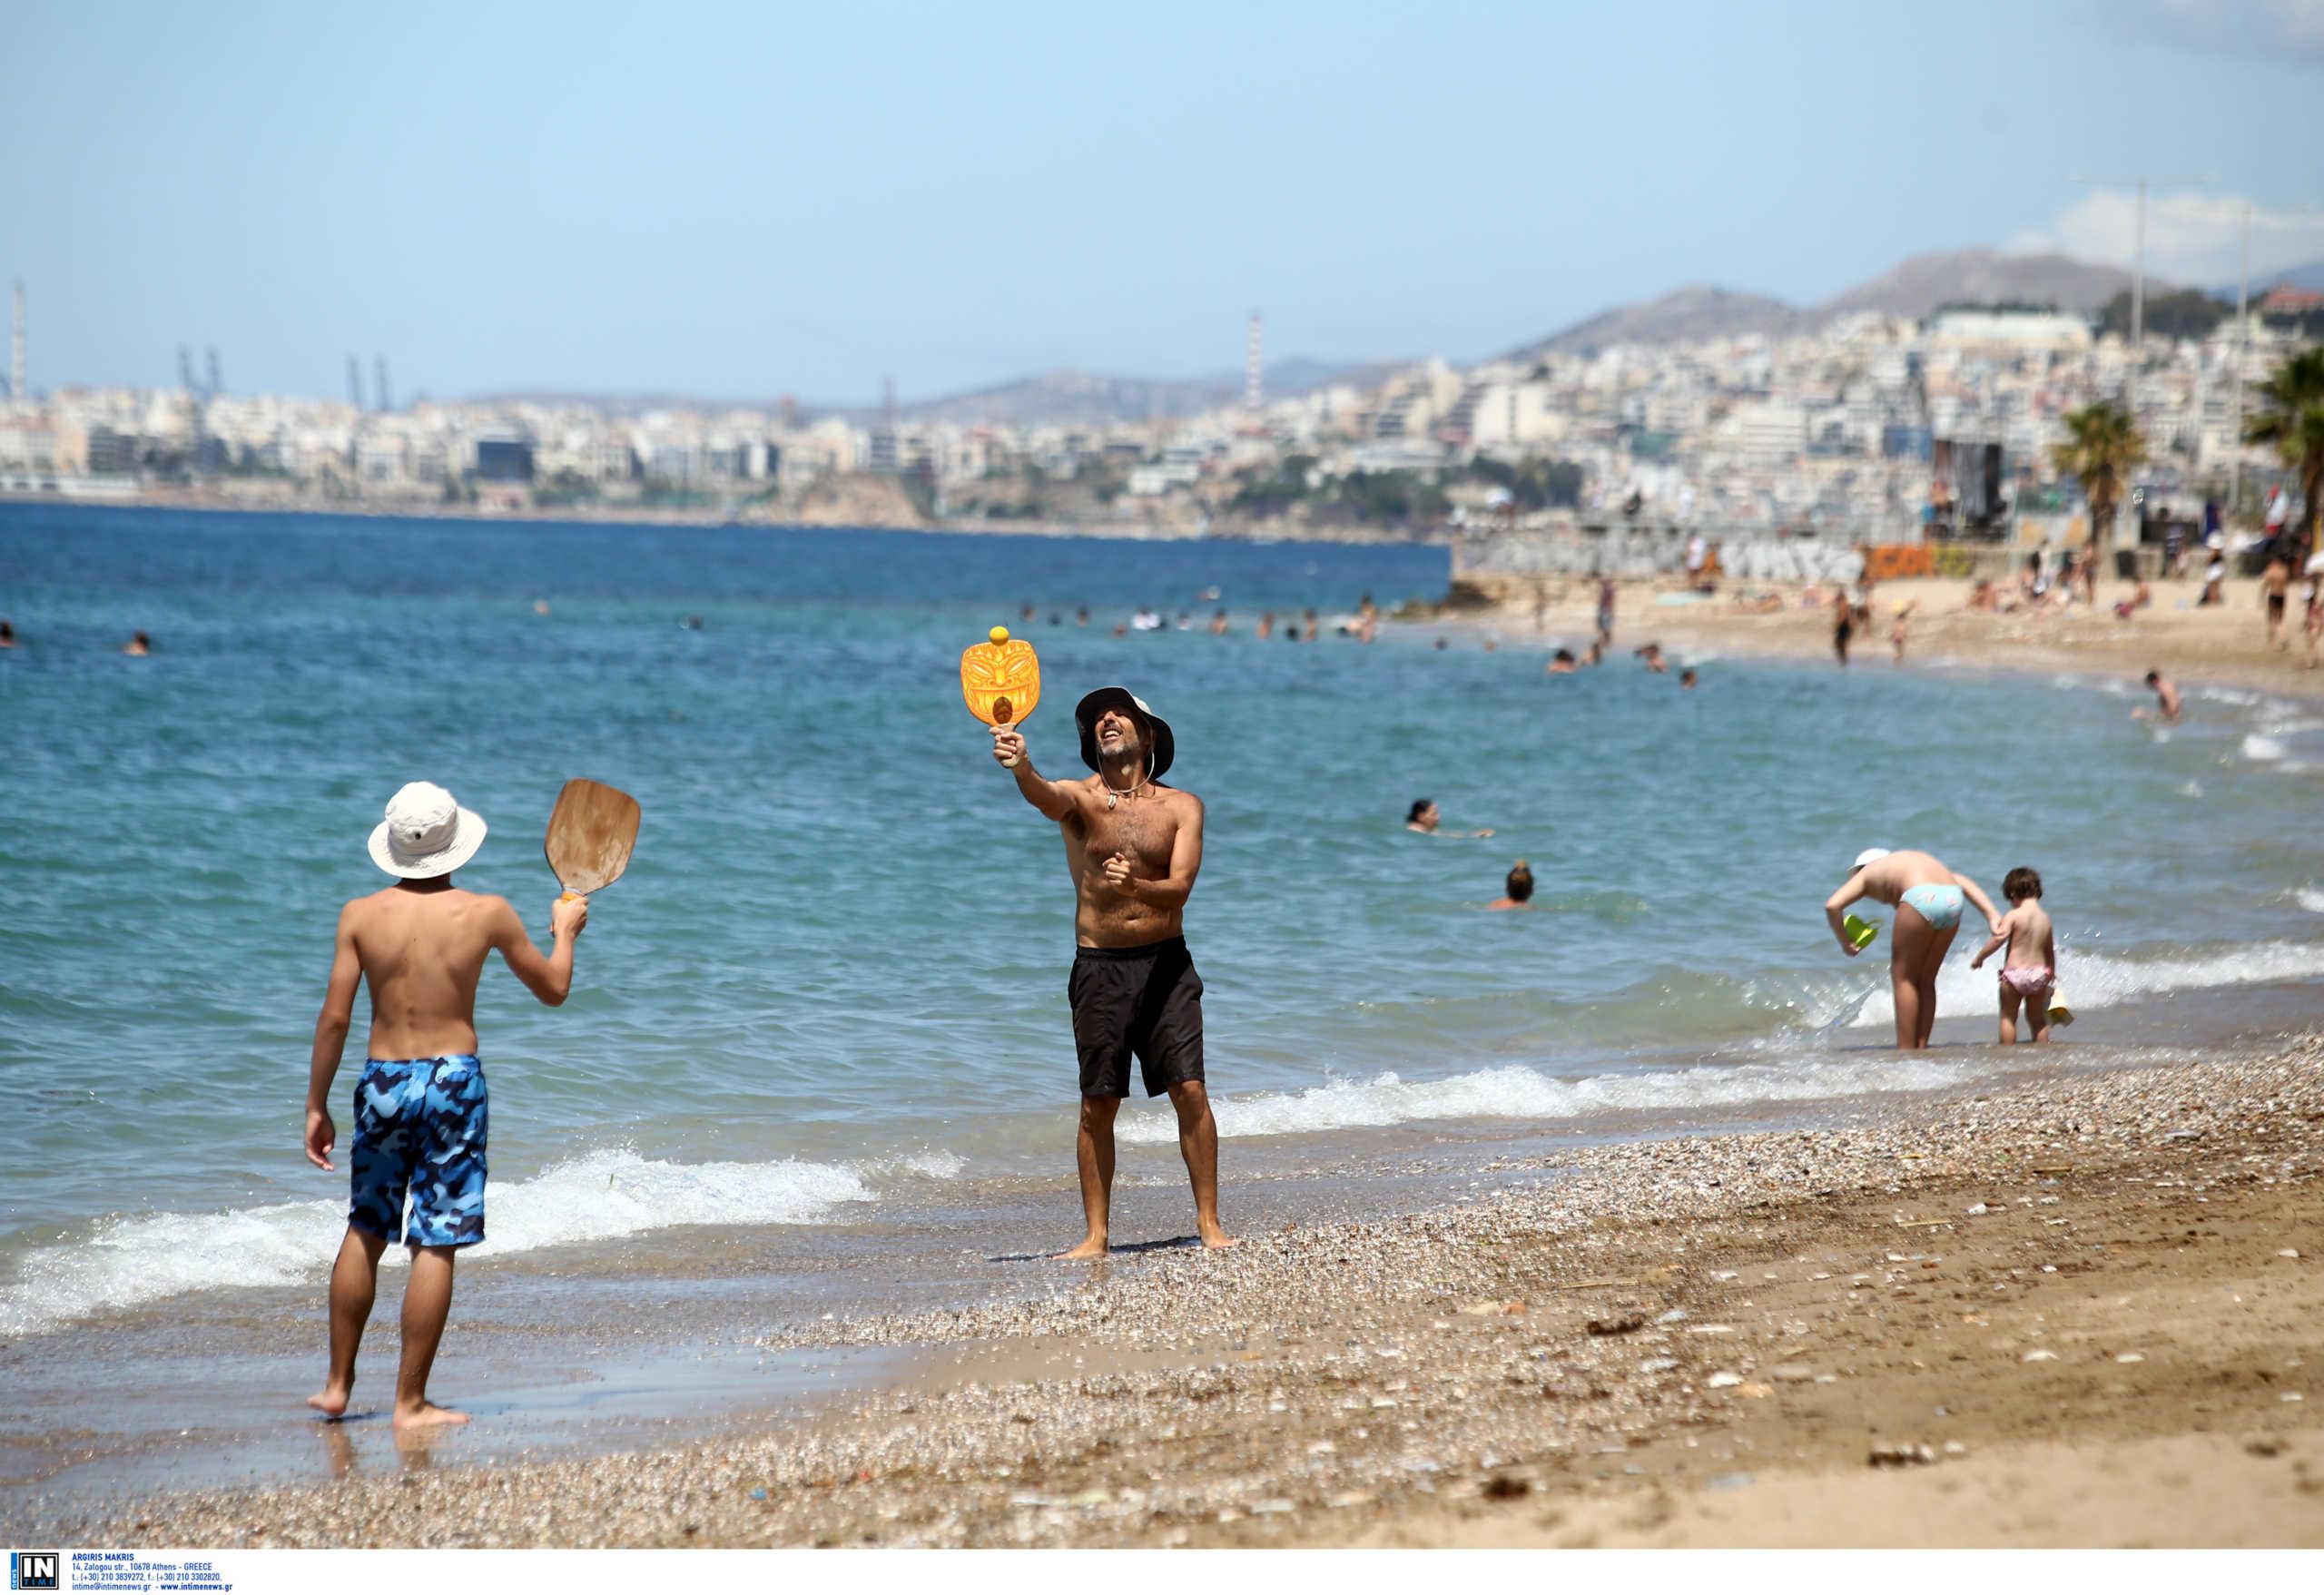 Καιρός meteo: Καμίνι όλη η χώρα – Απογείωση του υδραργύρου στην Κρήτη